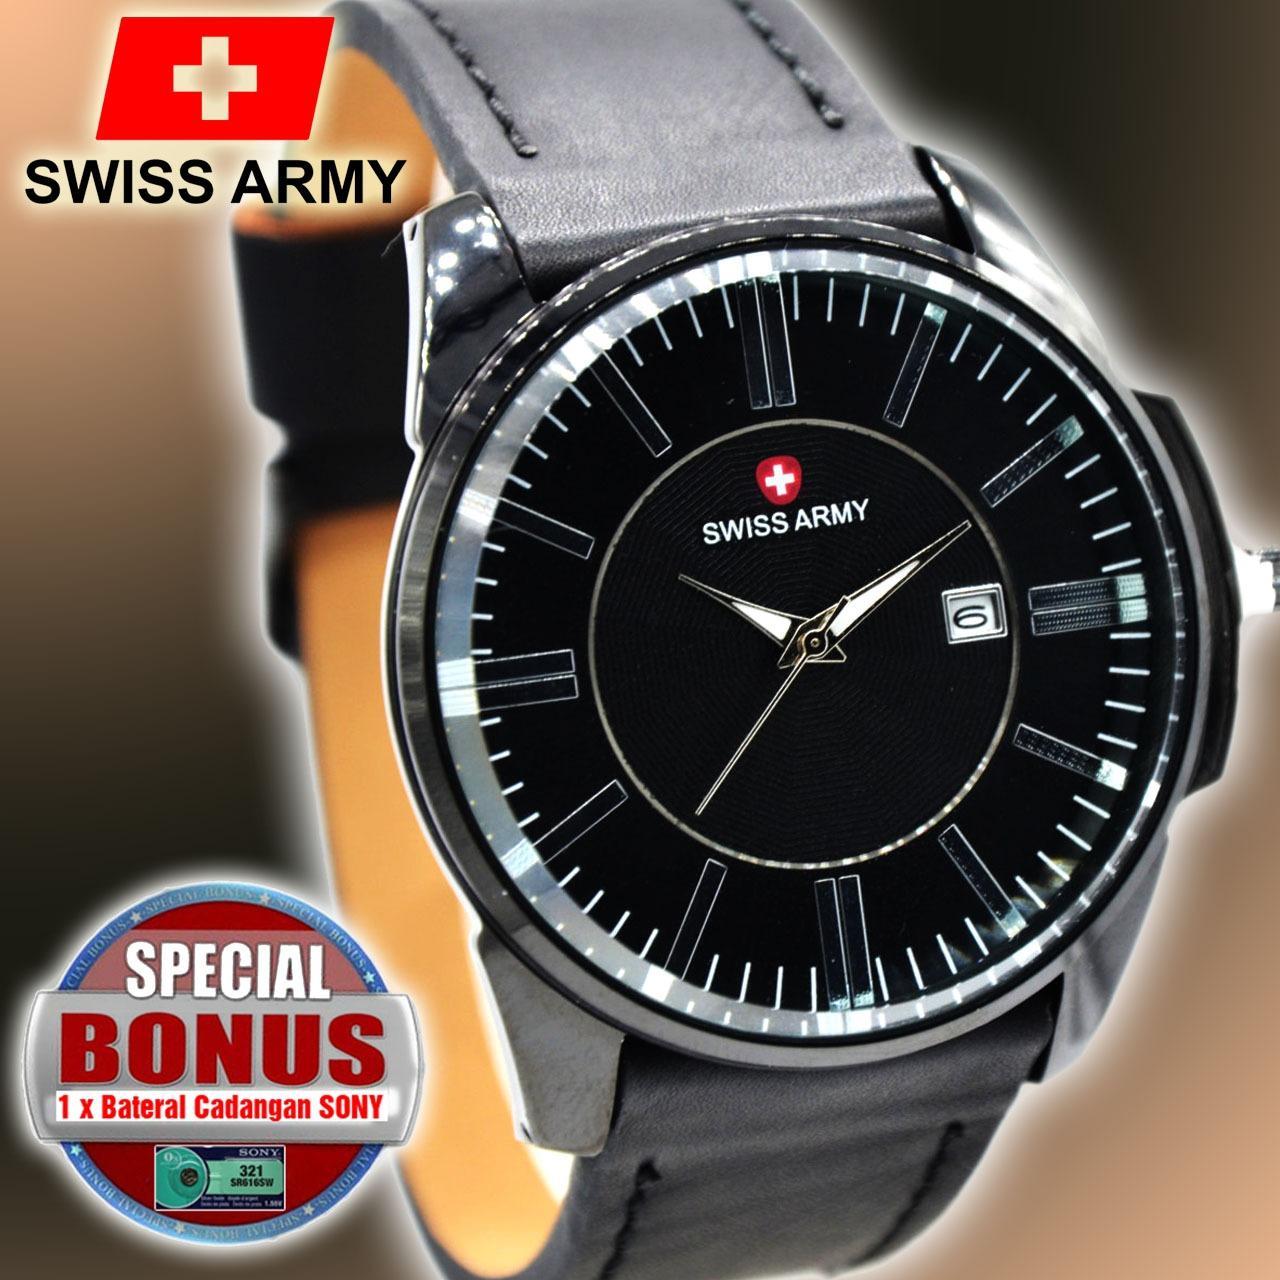 New Jam Tangan Pria Swiss Army TL 4124 Stainless Tali Kulit